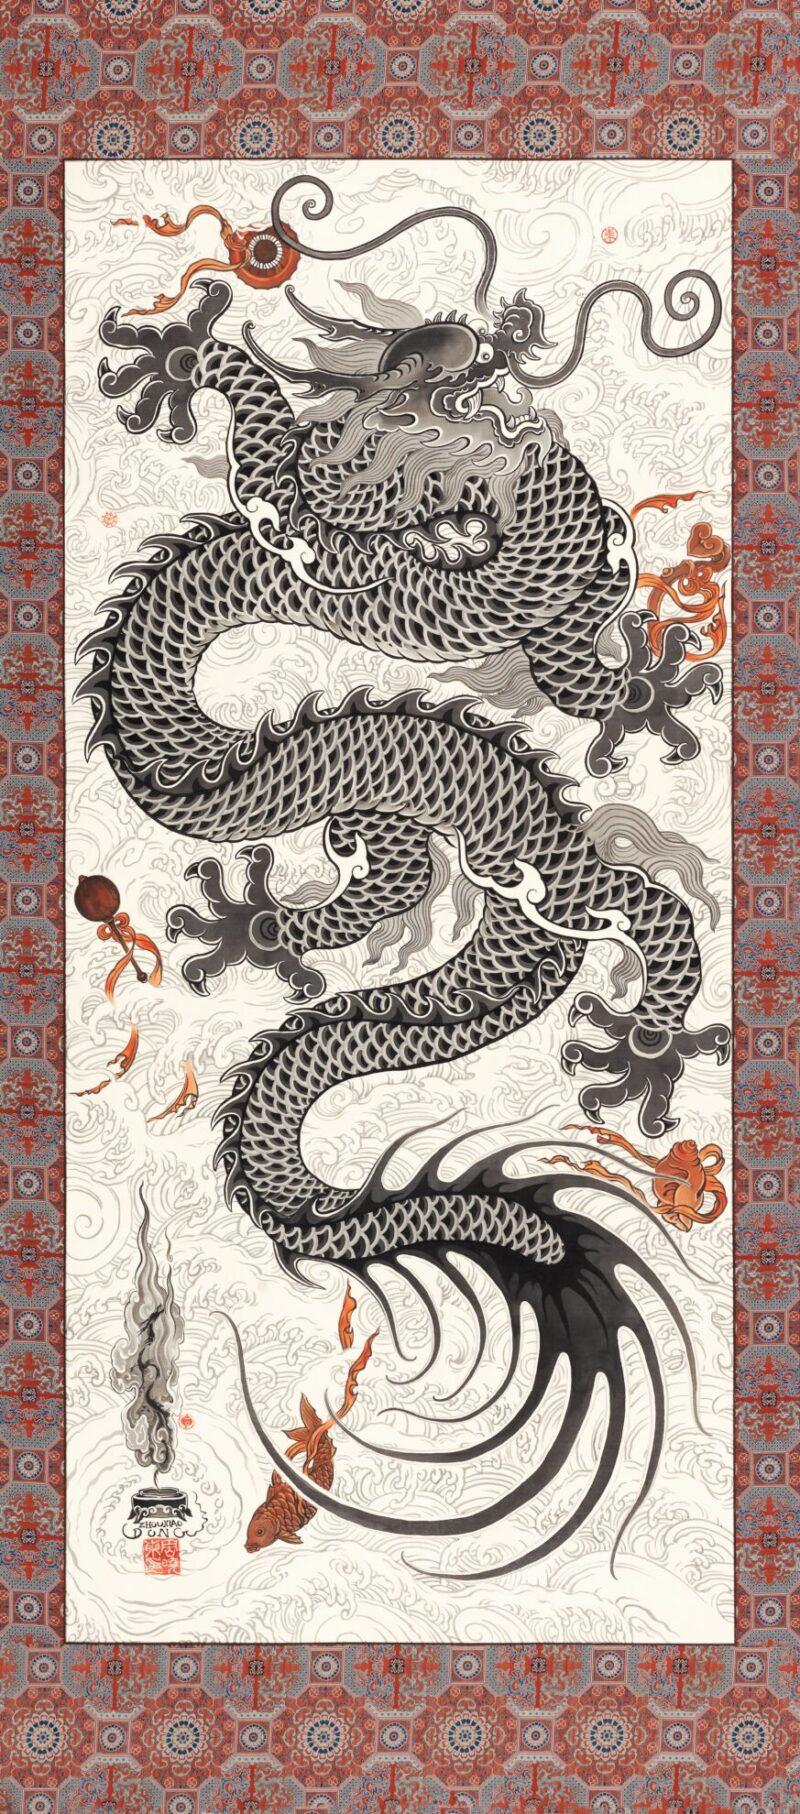 Xiaodong Zhou